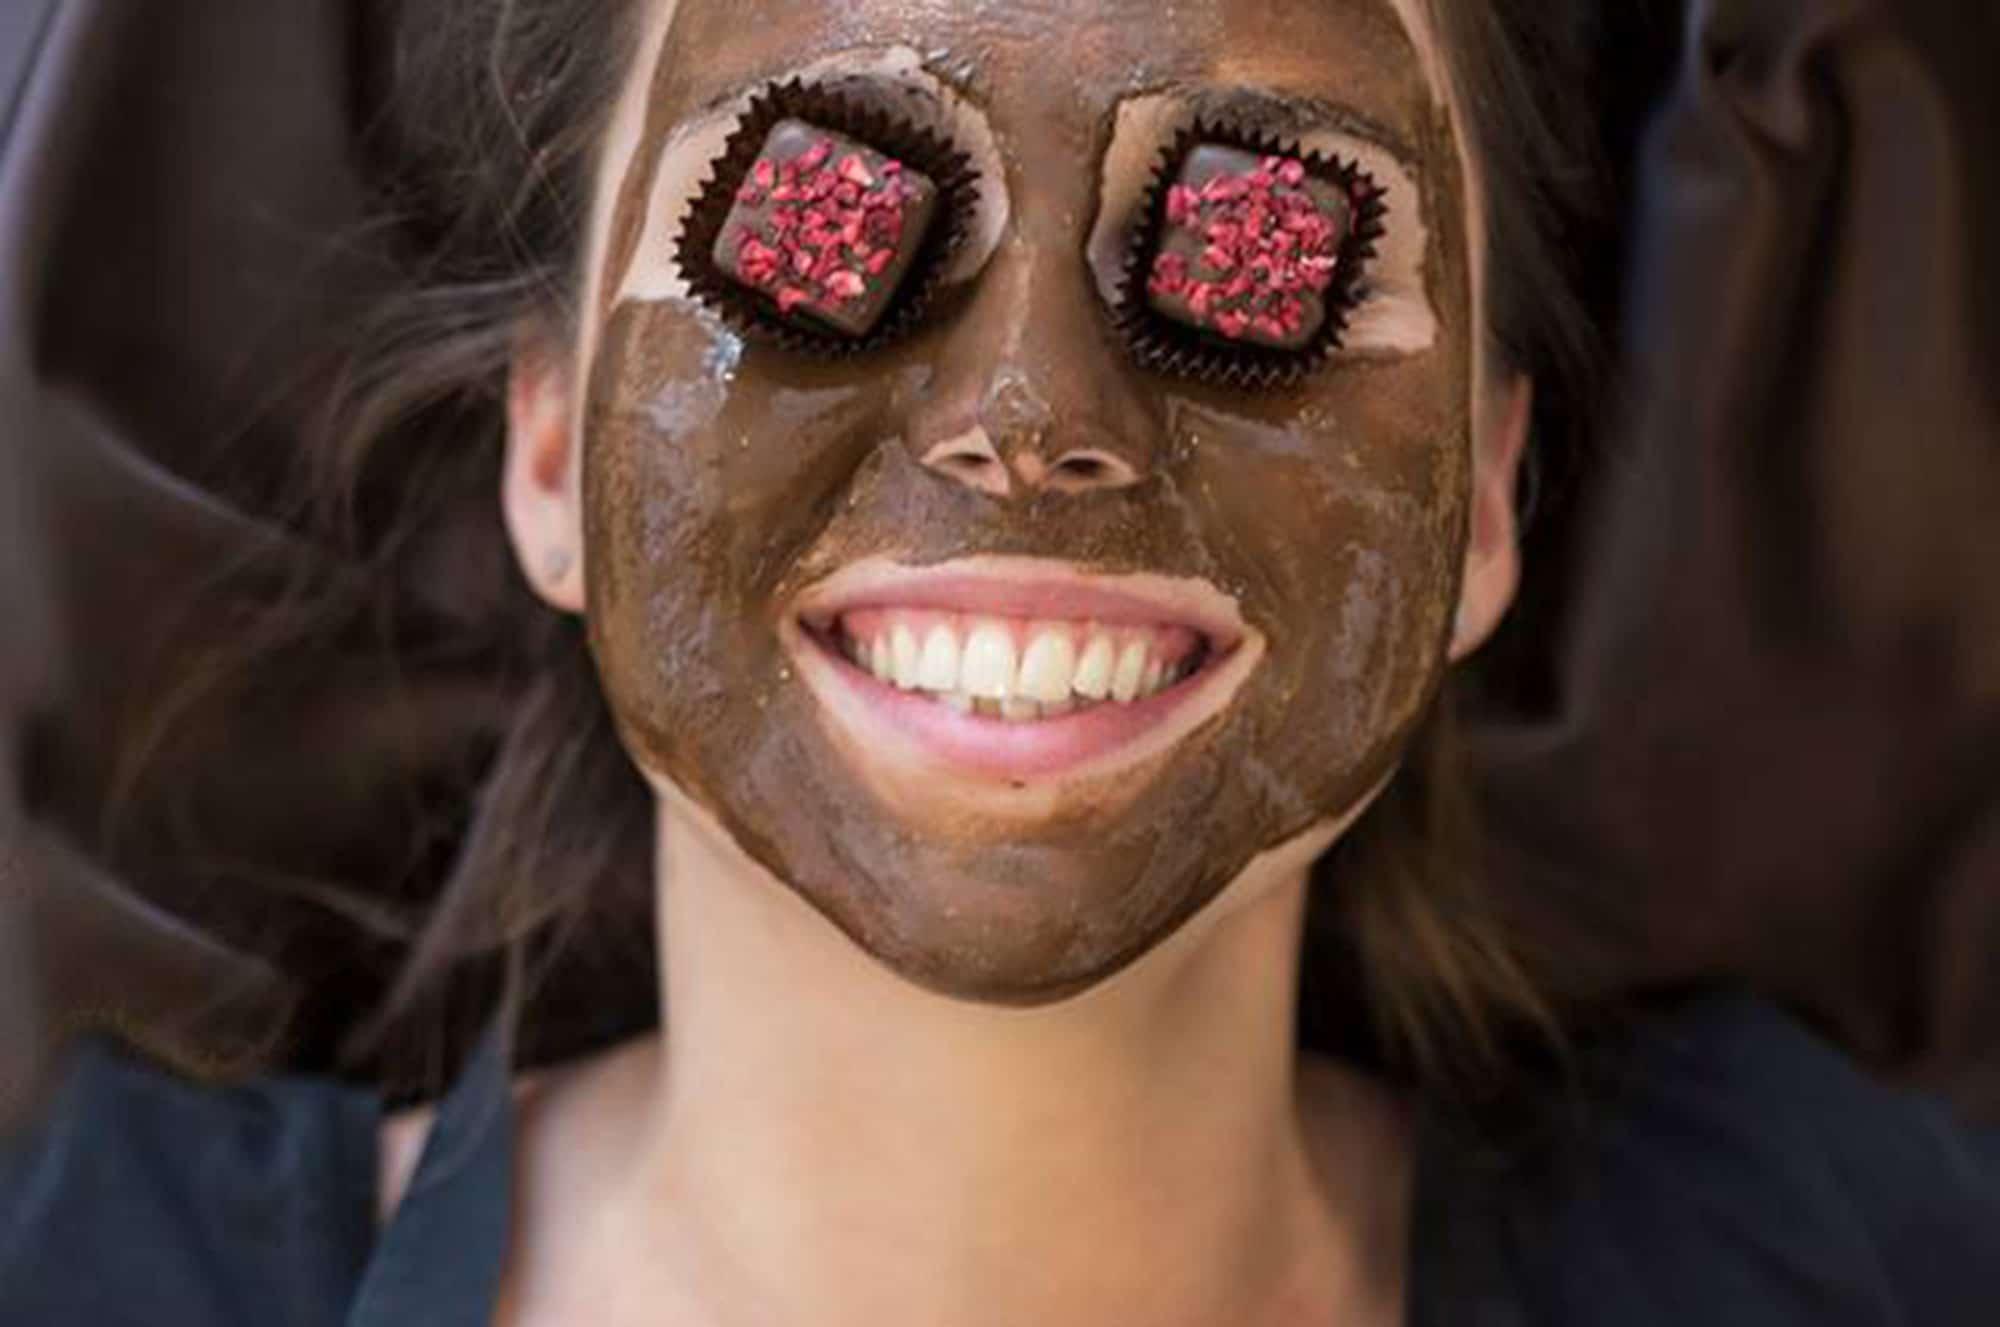 Choklad gör människor glada, inte bara choklad utan även våra workshops är utformade på ett sätt som får dig att känna dig fantastisk!